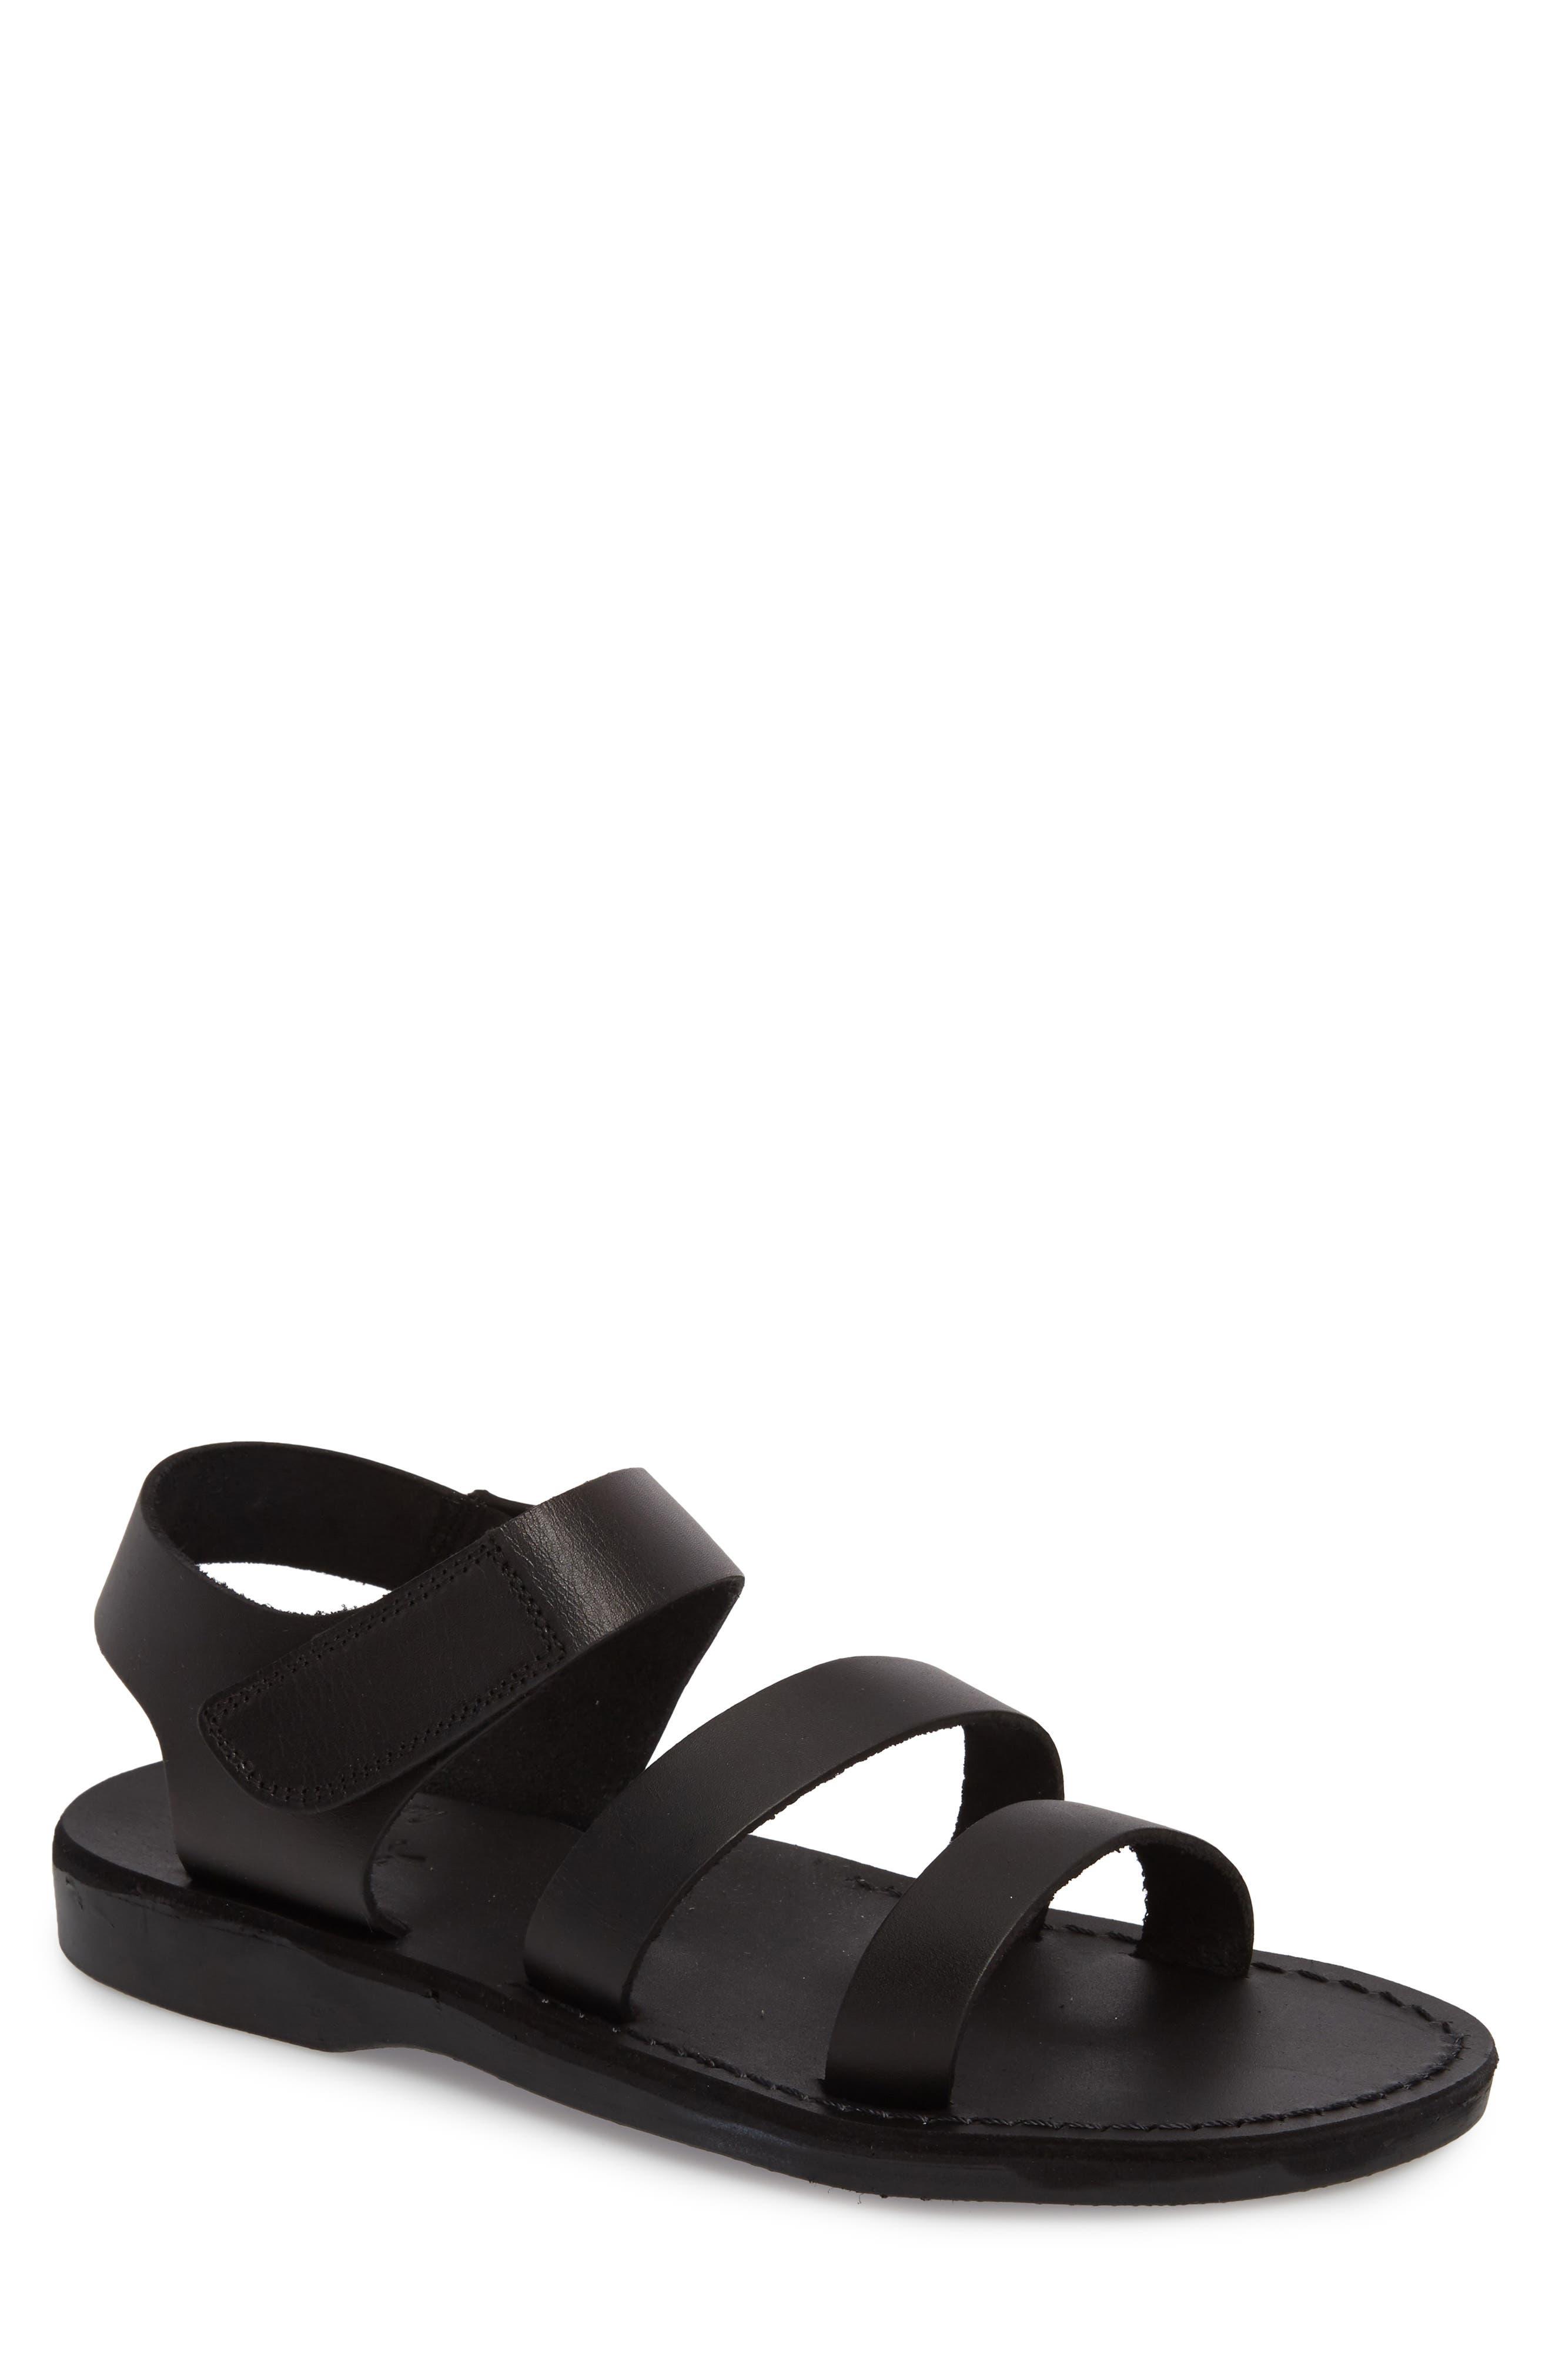 Jared Sandal,                         Main,                         color, Black Leather